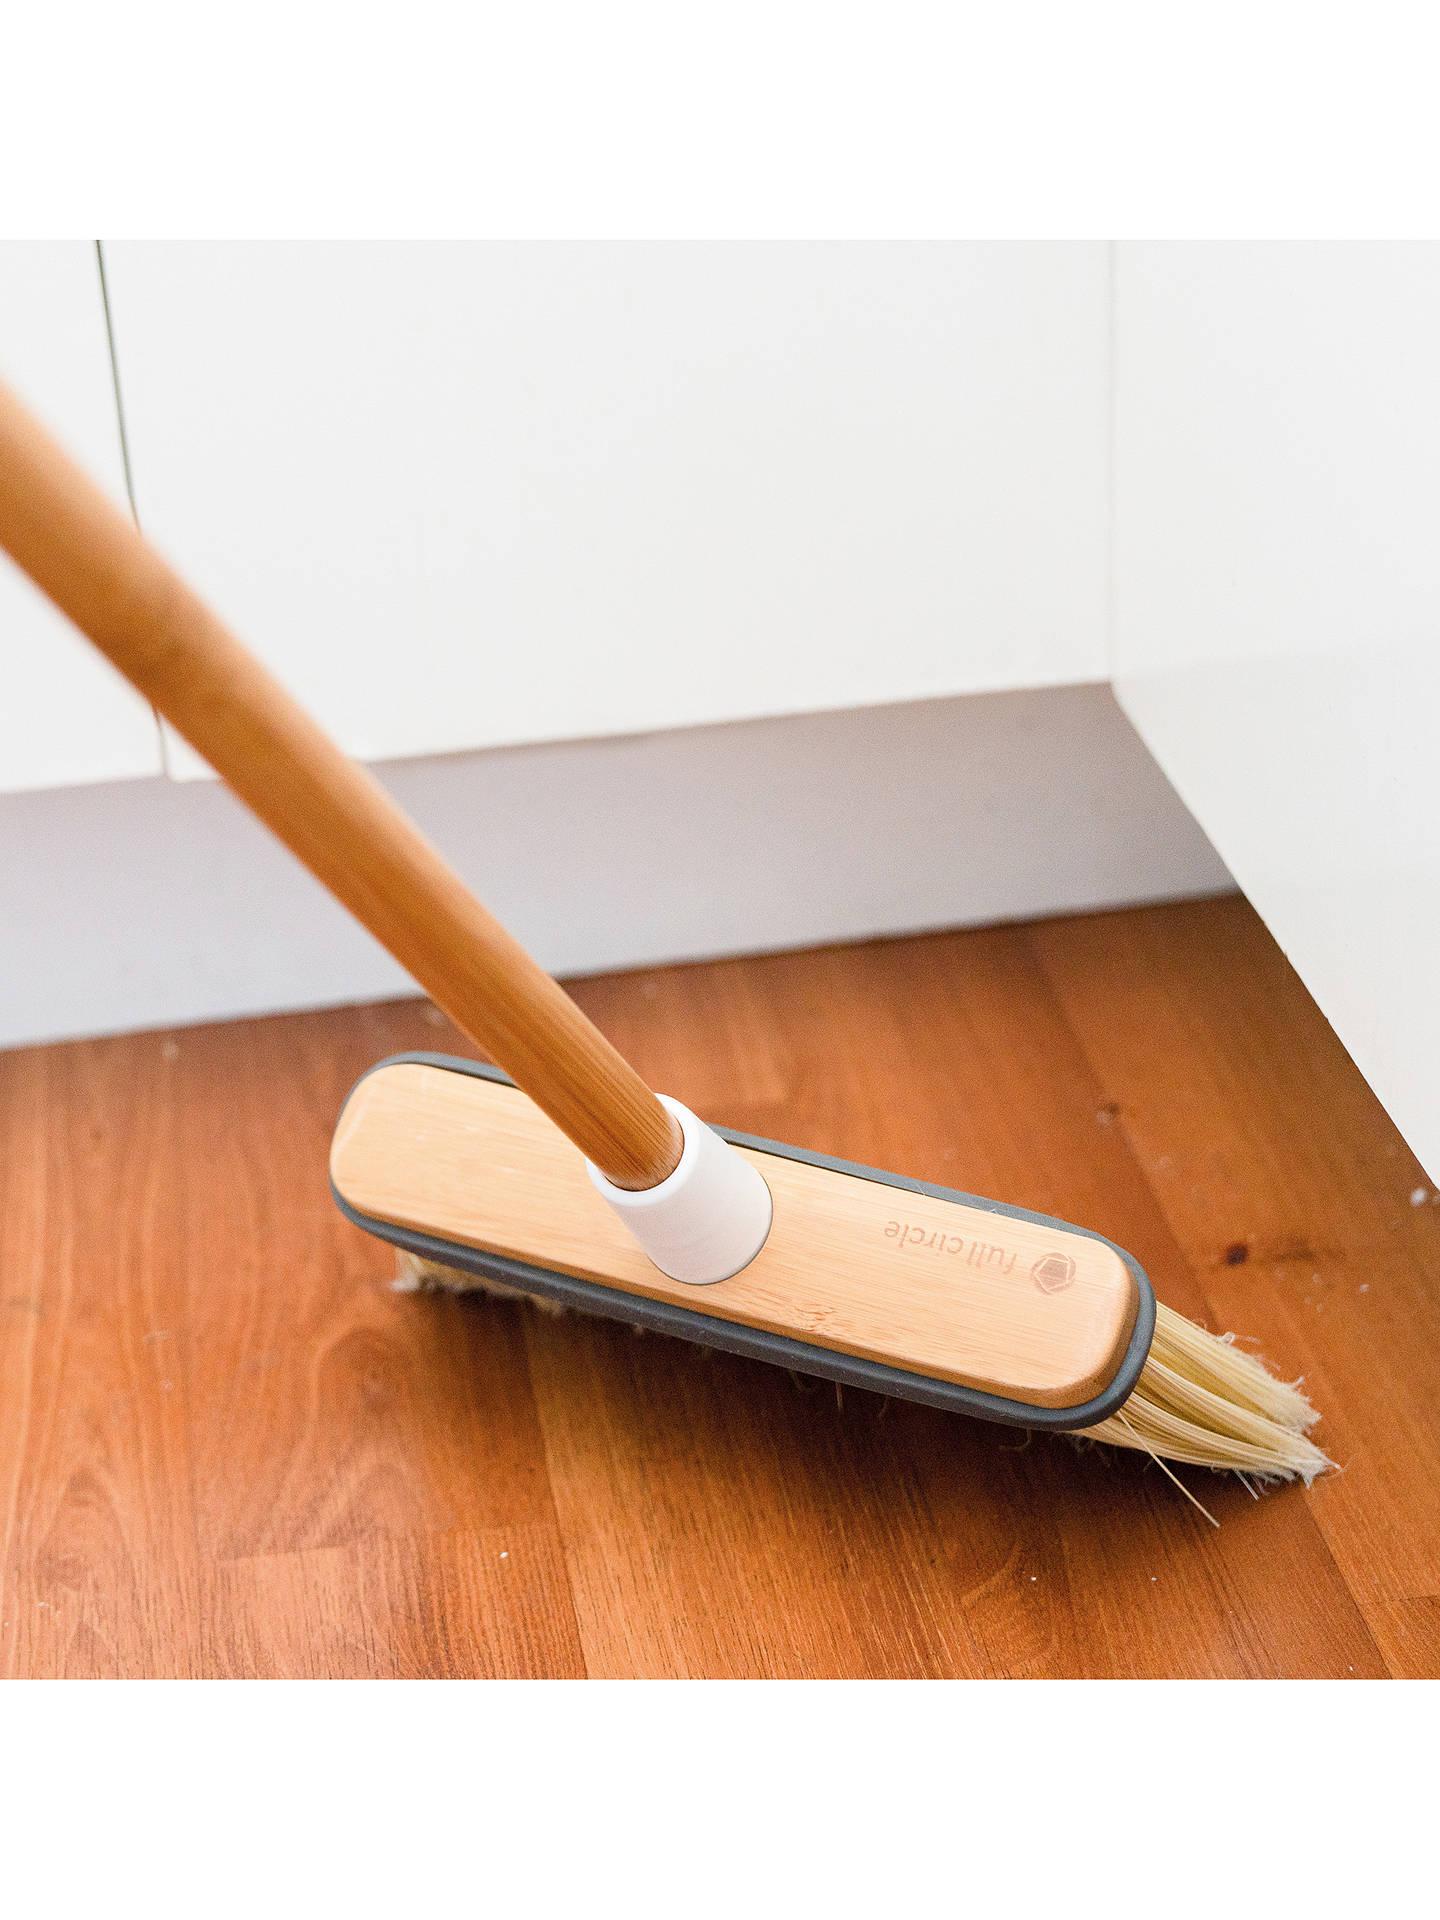 Clean sweep | Clean sweep, Cleaning, Broom